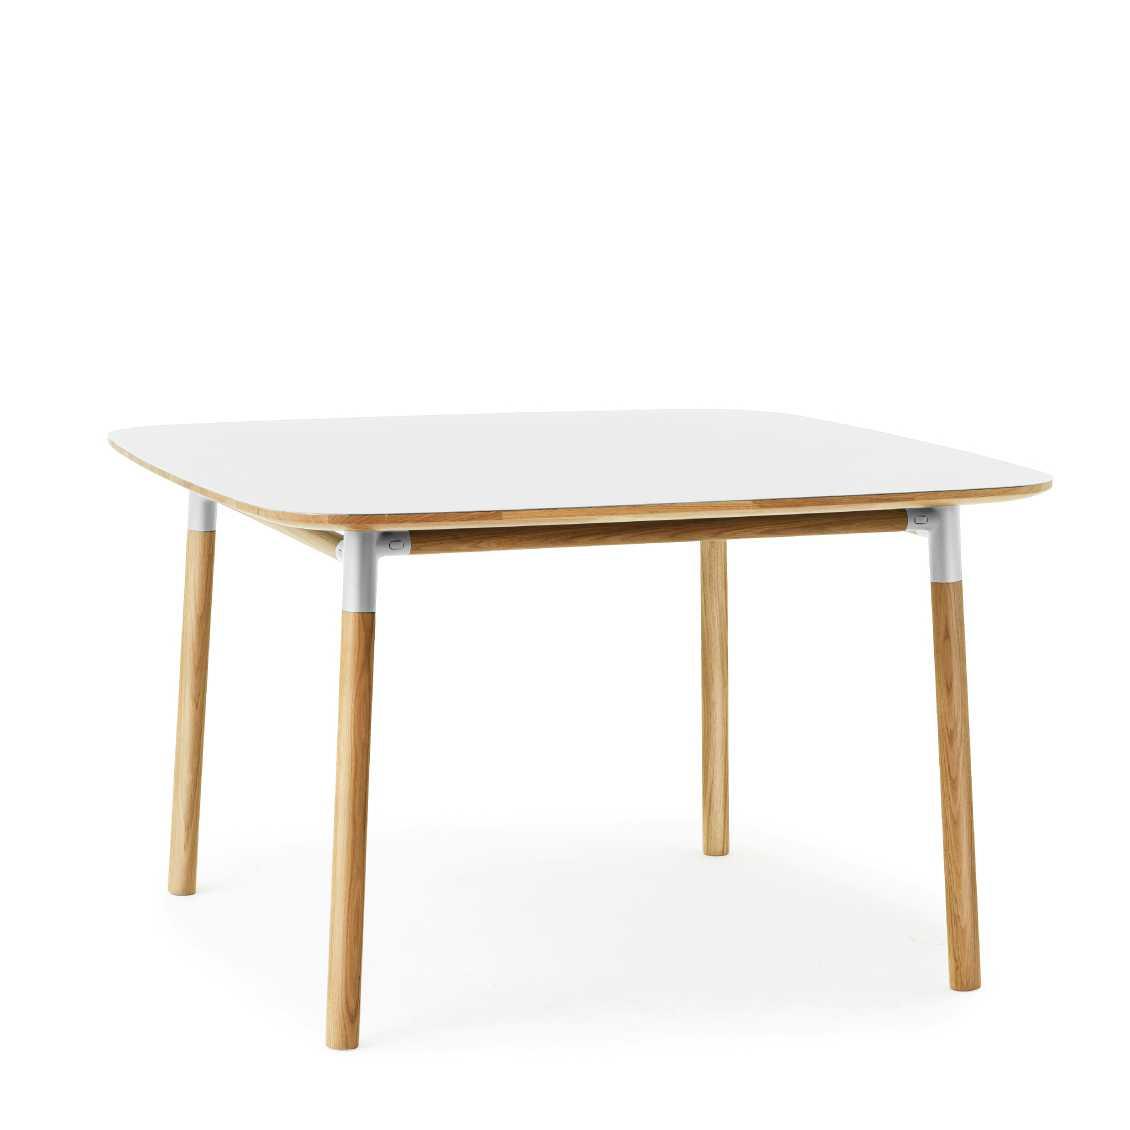 vierkante-eettafel-form_table_small_white_oak_normann_copenhagen